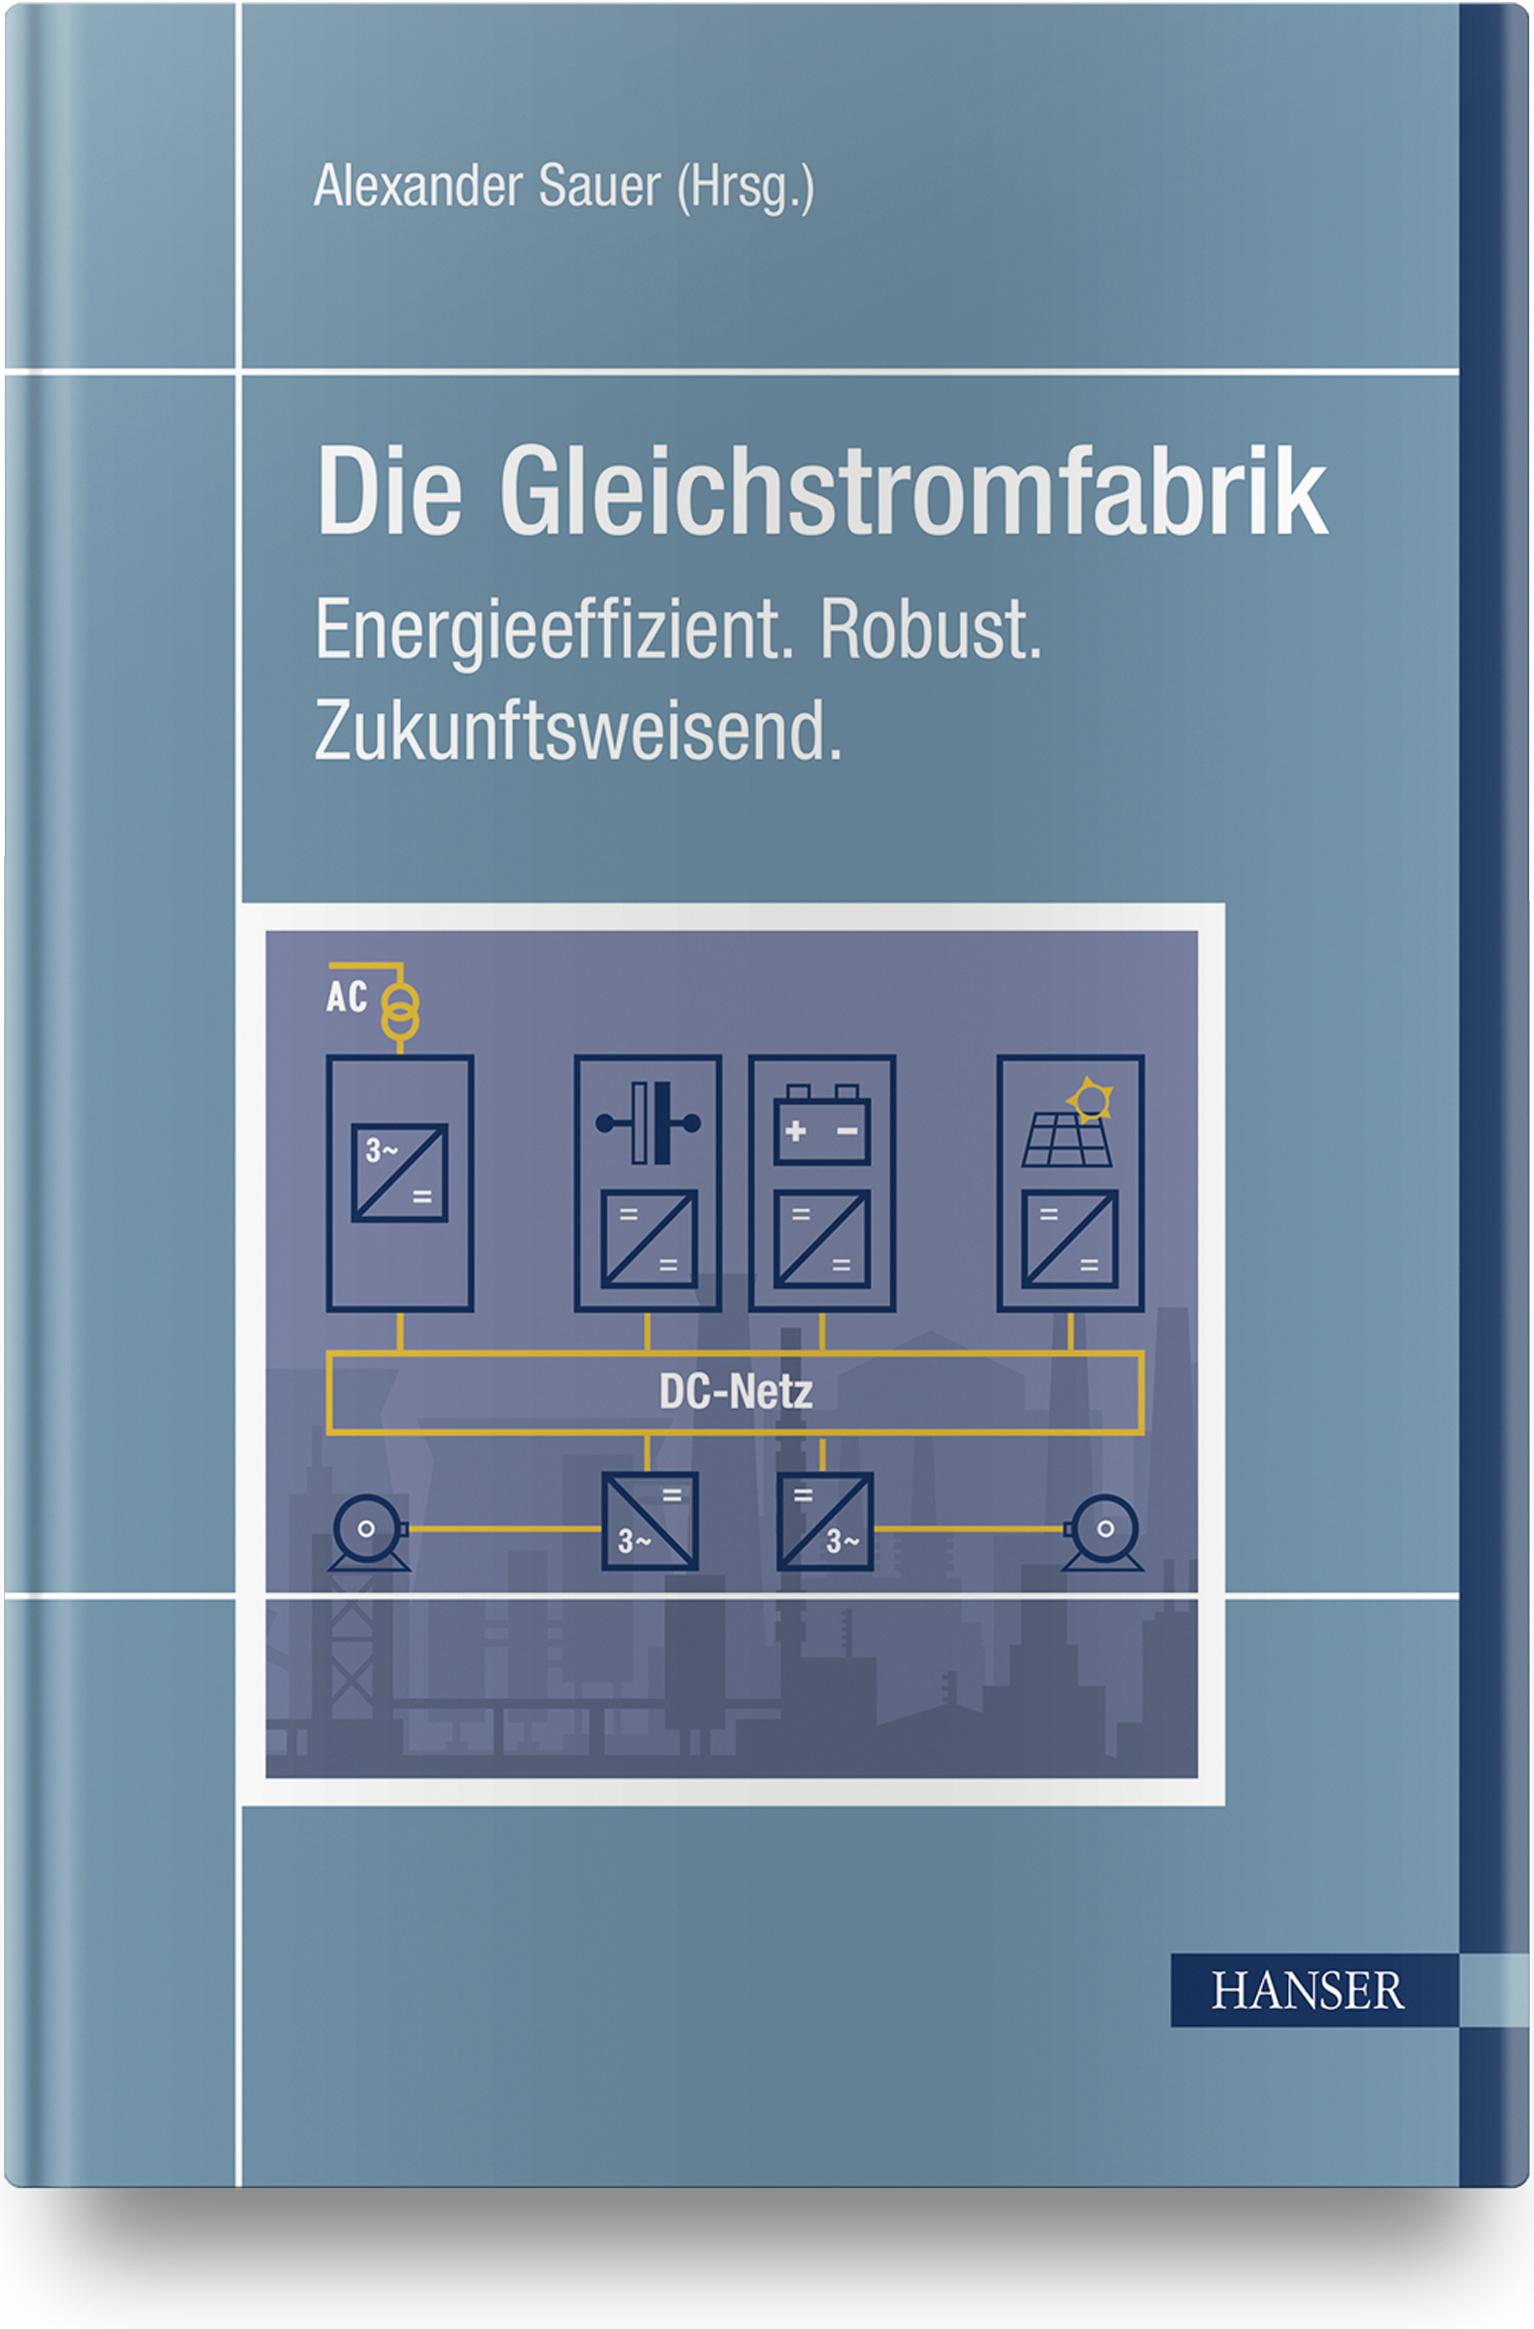 Die Gleichstromfabrik, 978-3-446-46581-7